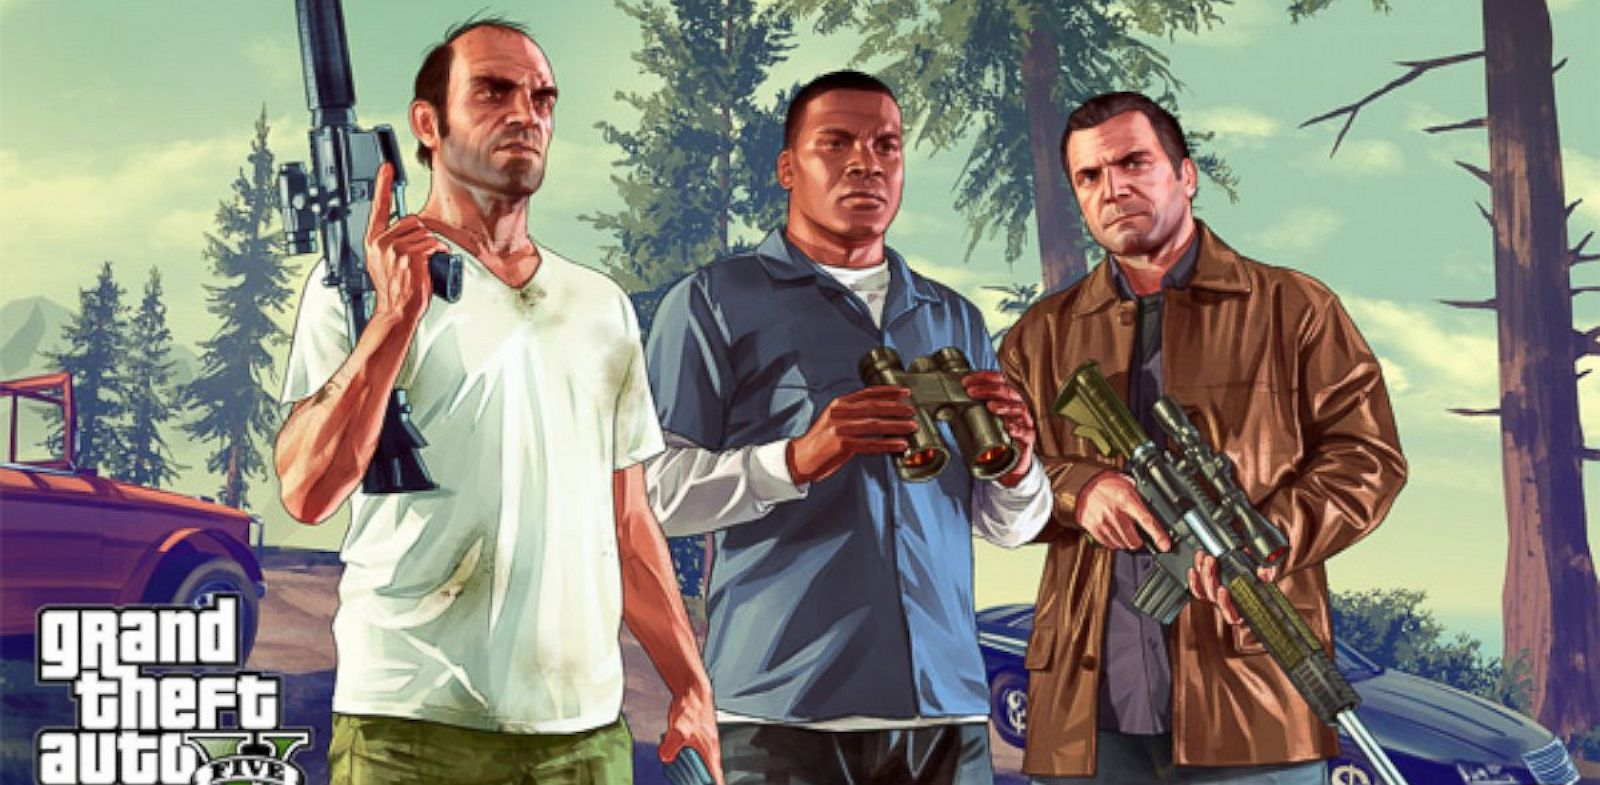 PHOTO: Grand Theft Auto V